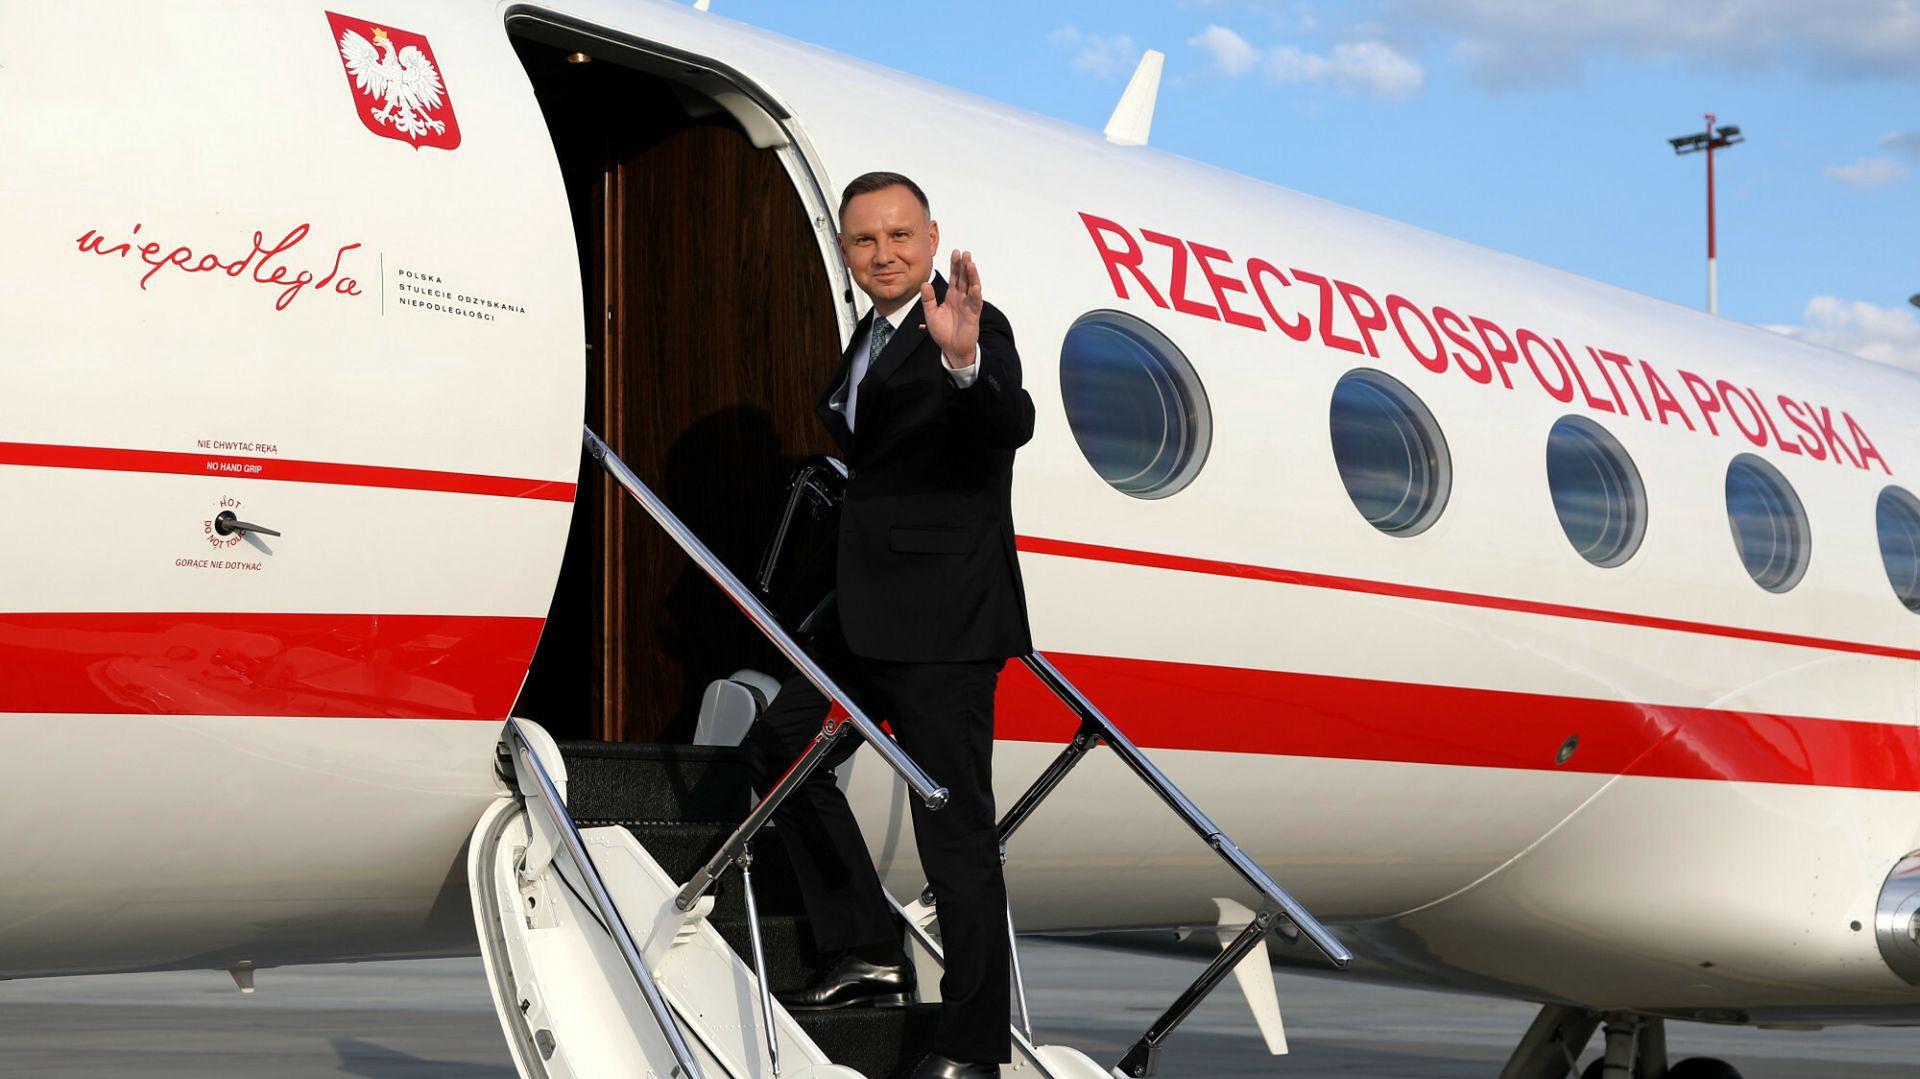 Wstrząsające, jak wybiórczo PiS traktuje fakty w sprawie lotów (Opinia)